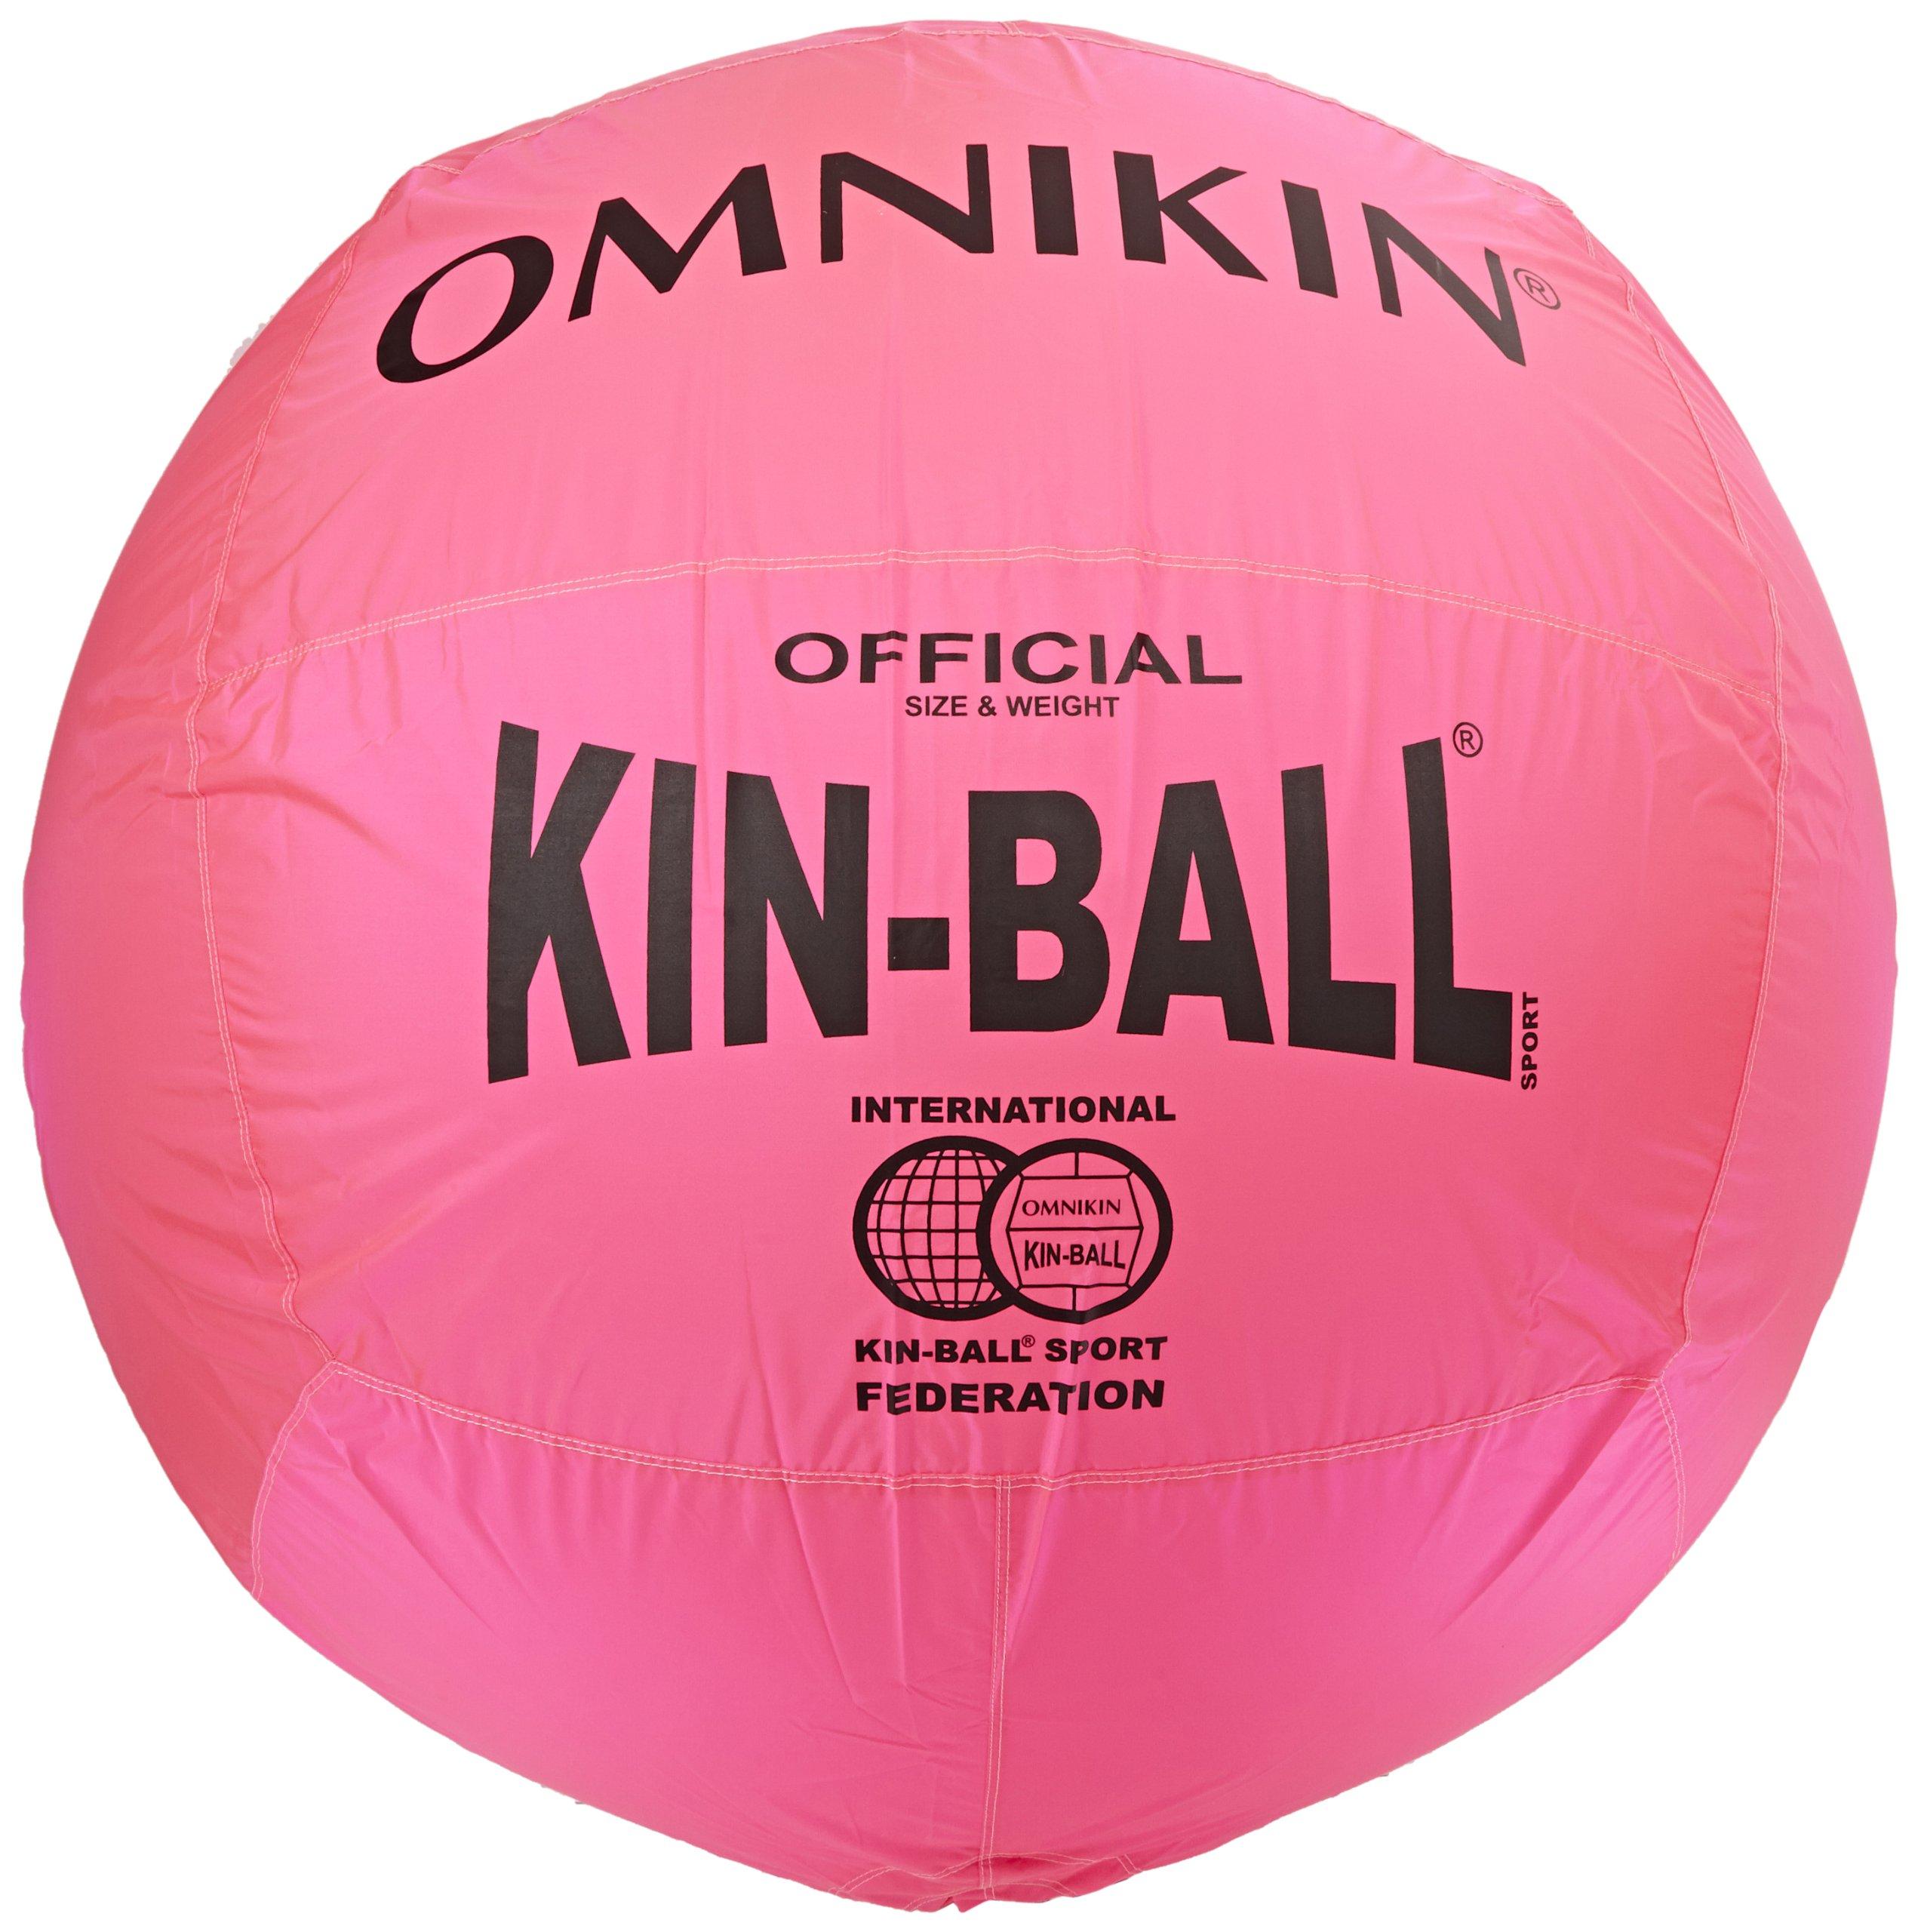 Omnikin Kin-Ball Sport Ball - 48 inch - Pink by Omnikin